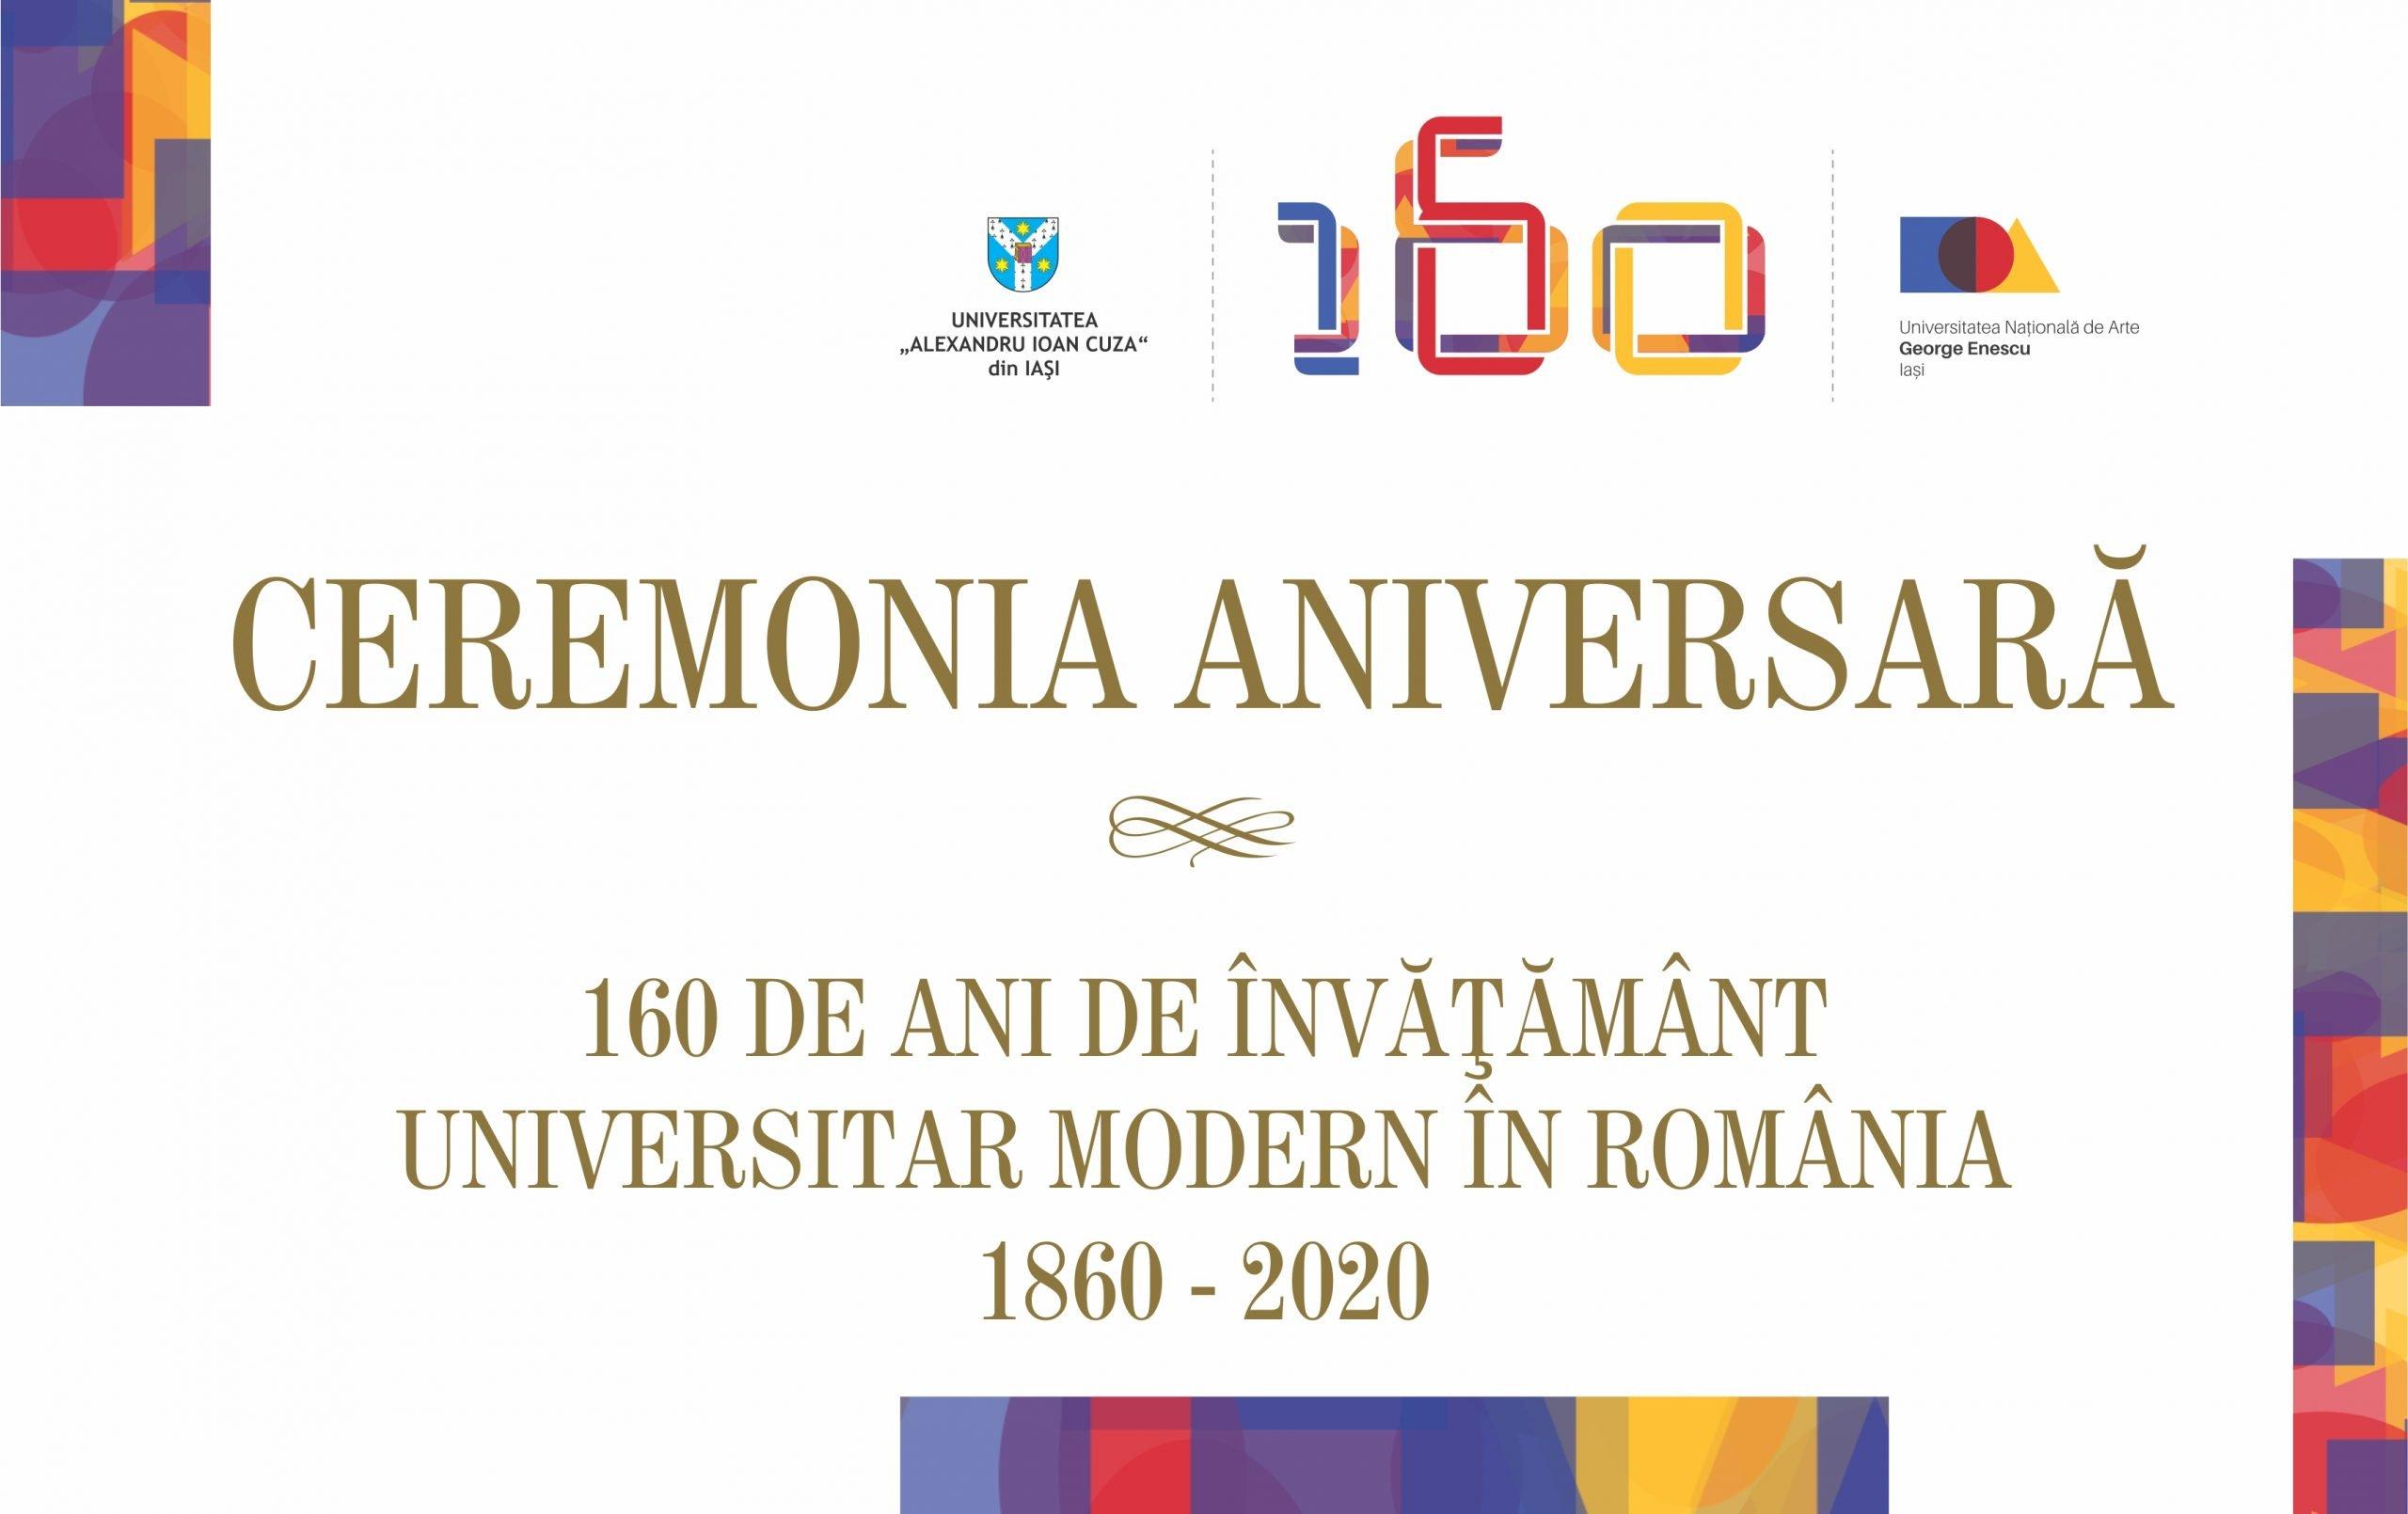 """Ceremonia aniversară """"160 de ani de învățământ universitar modern în România"""""""